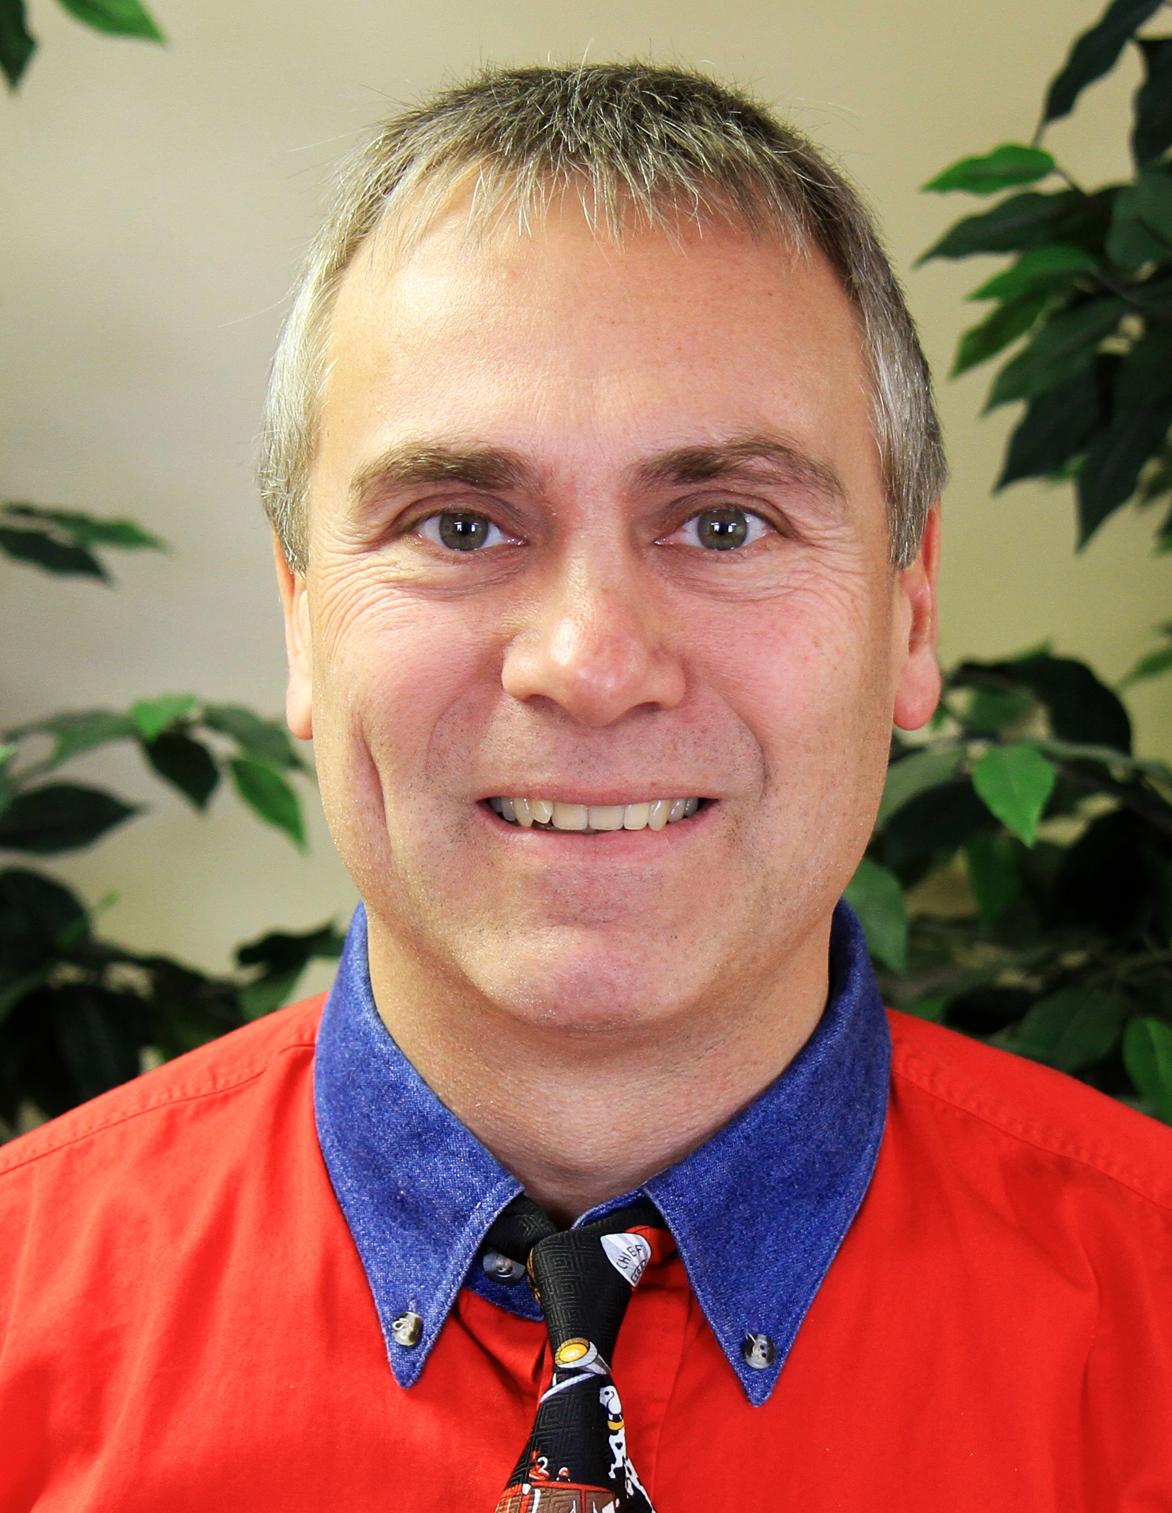 Jerry Vanderoef